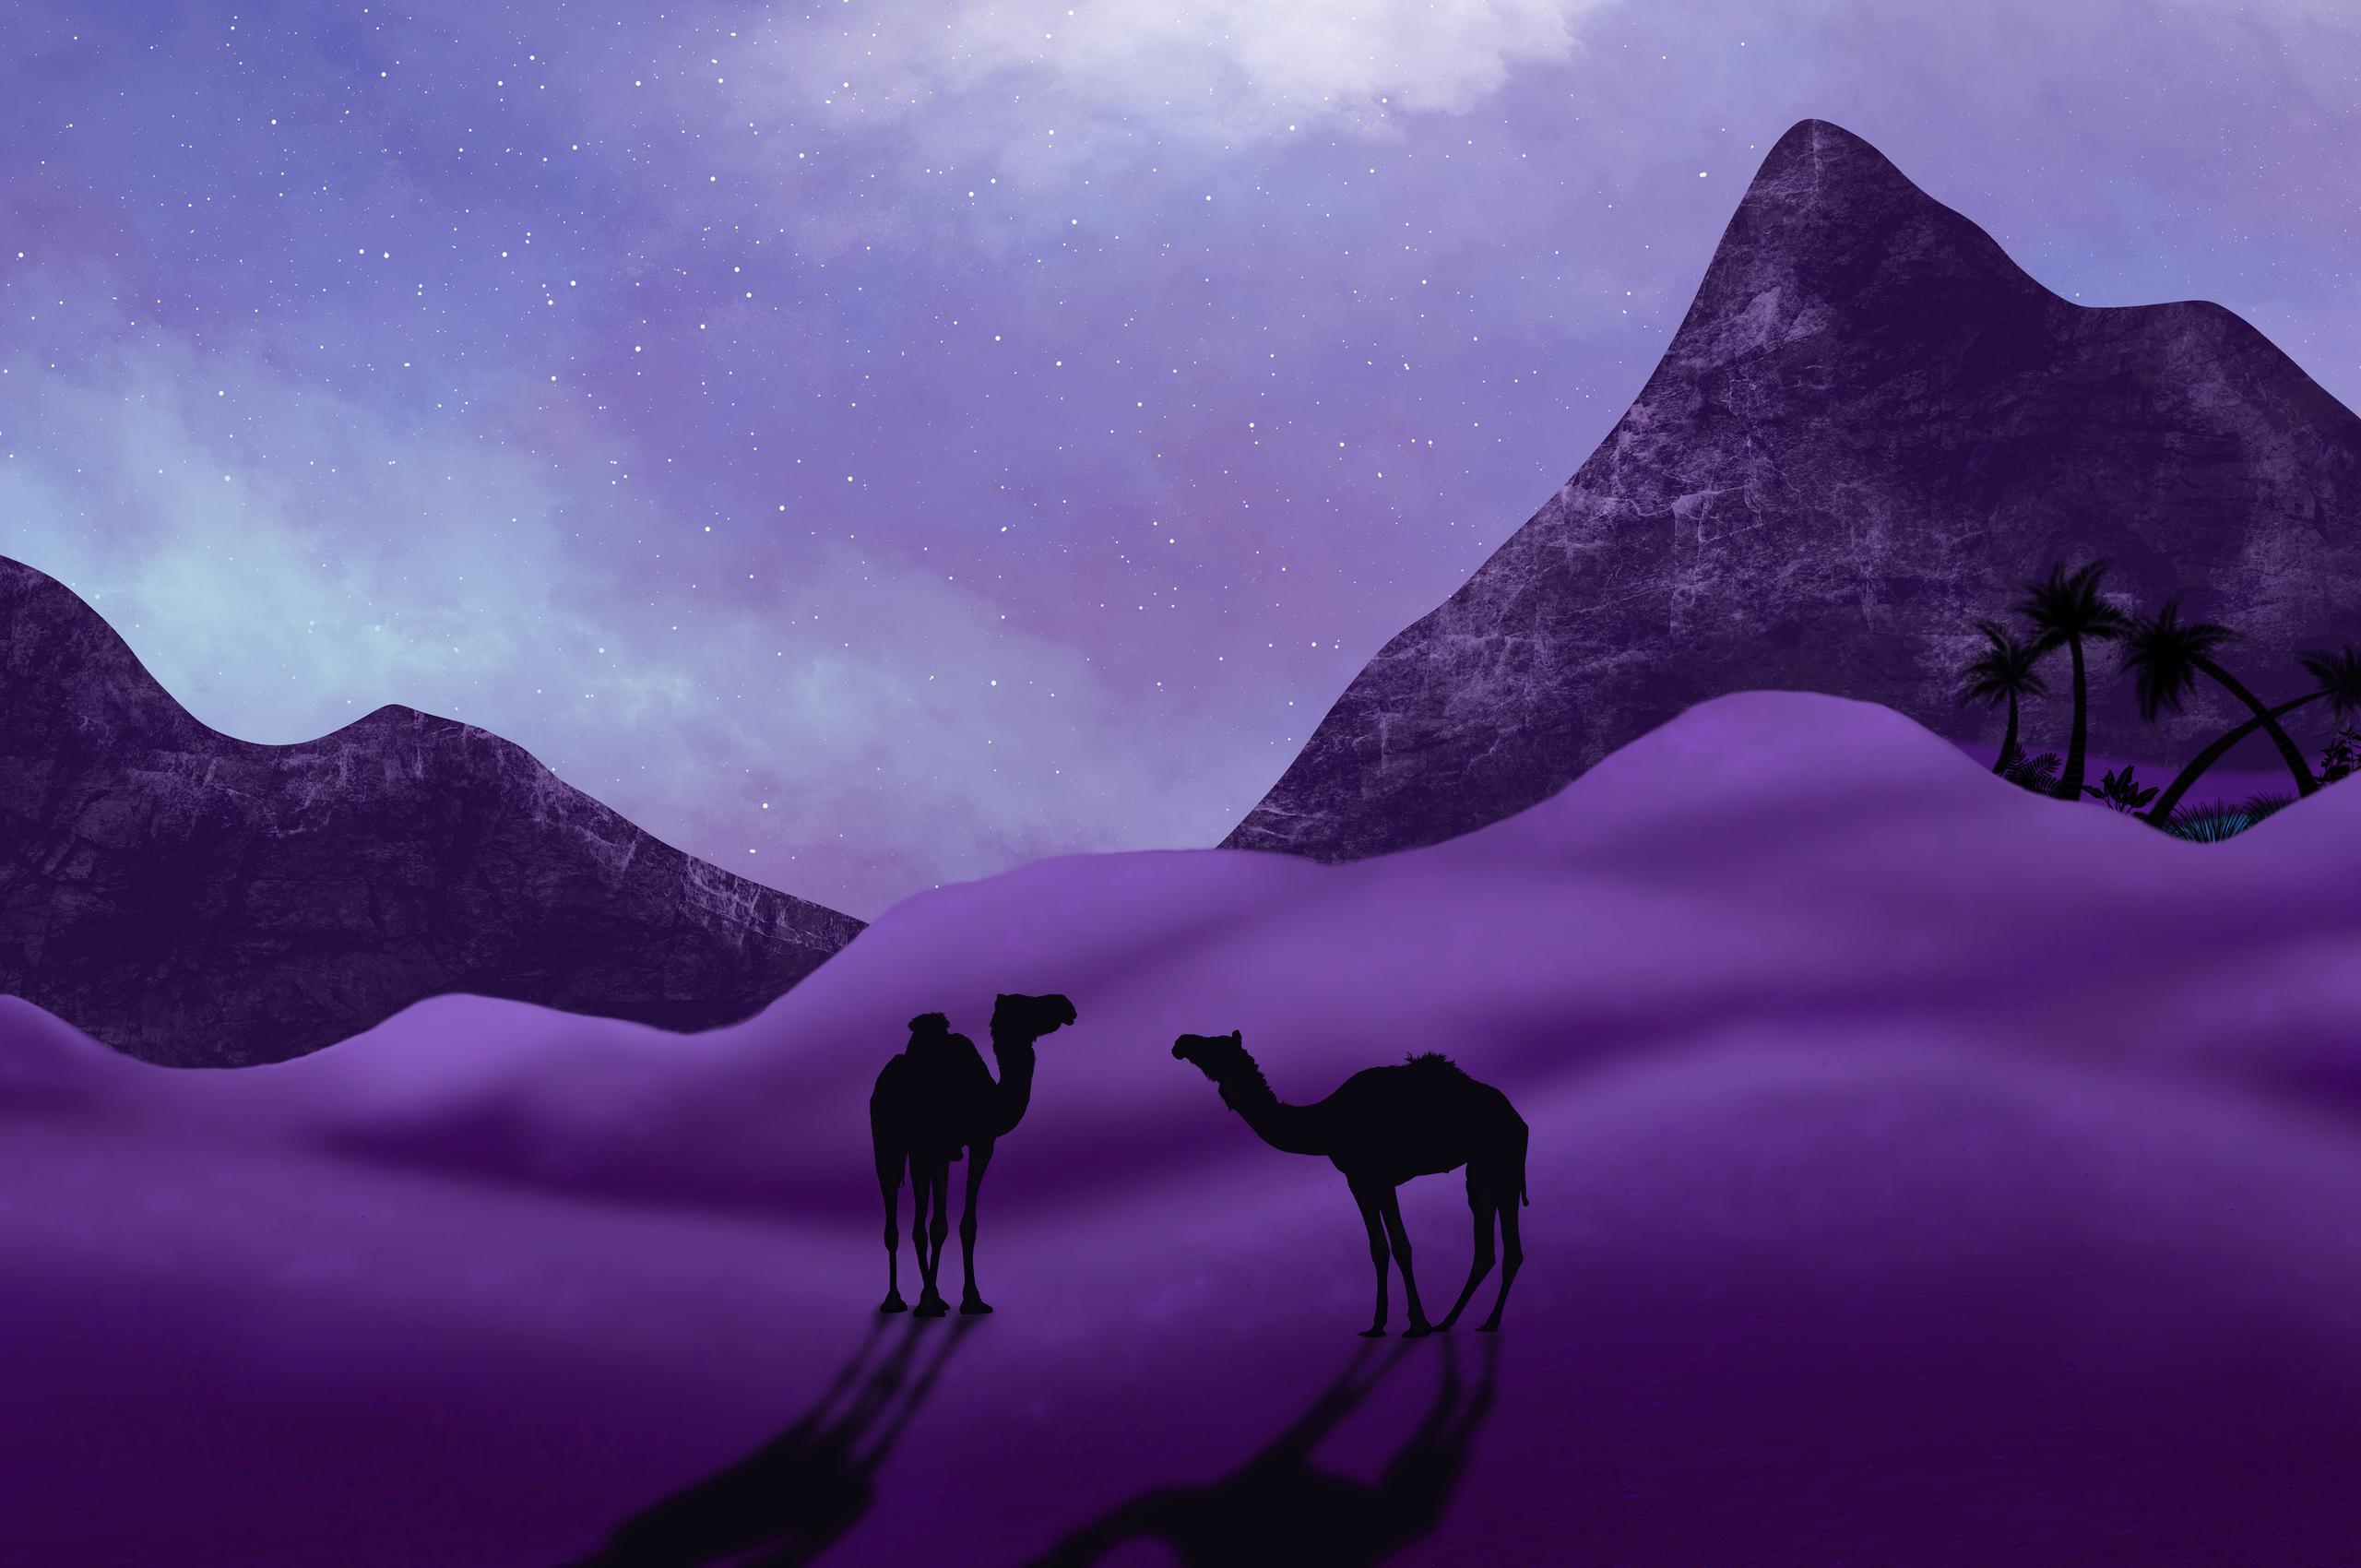 desert-camels-minimal-5k-d0.jpg